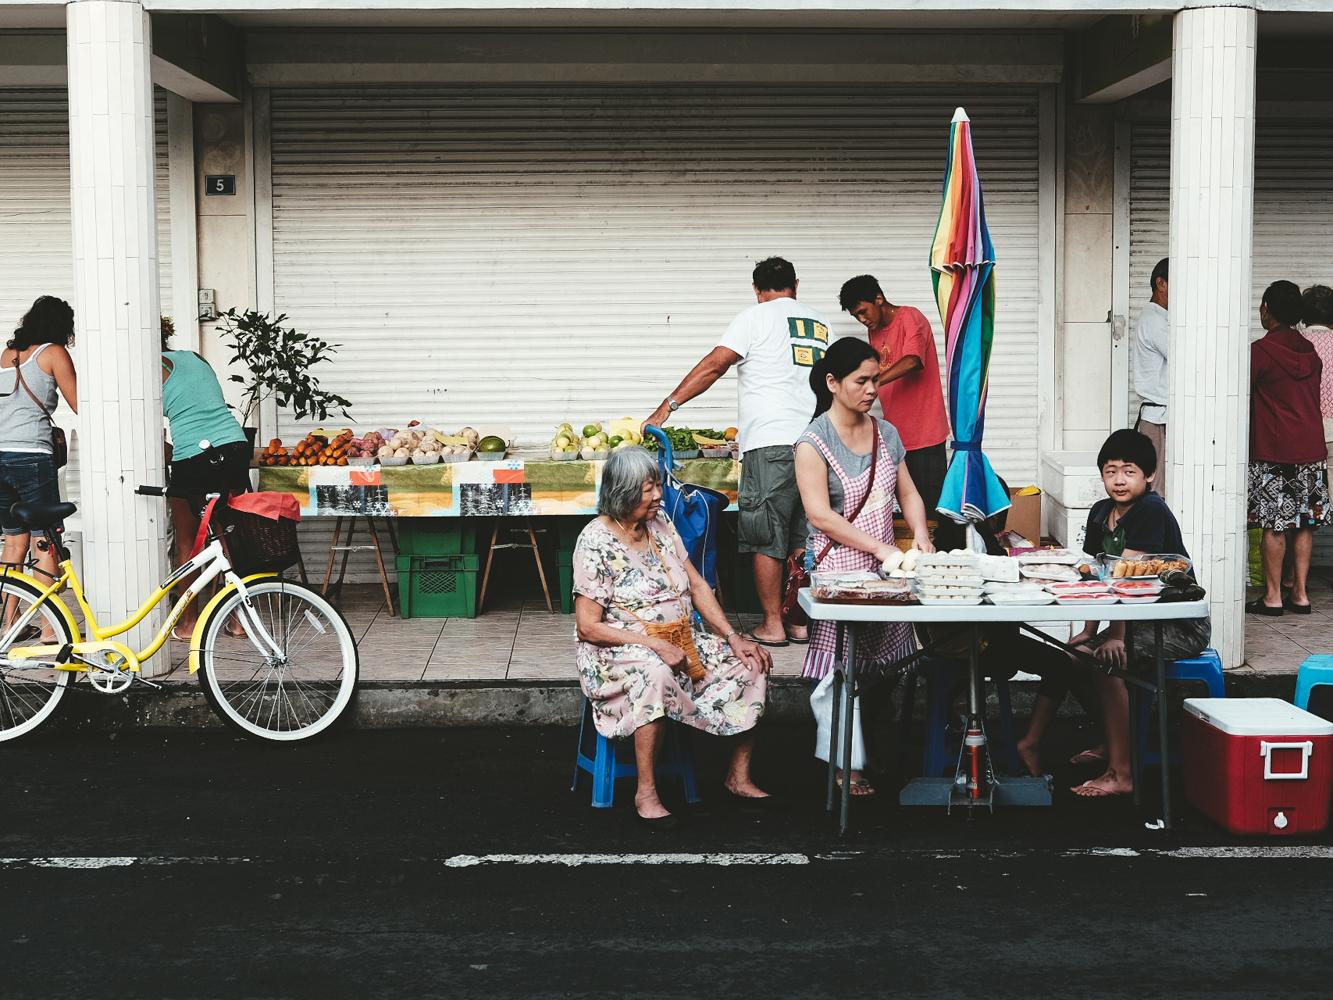 Papeete-Tahiti-Cookwilltravel.jpg